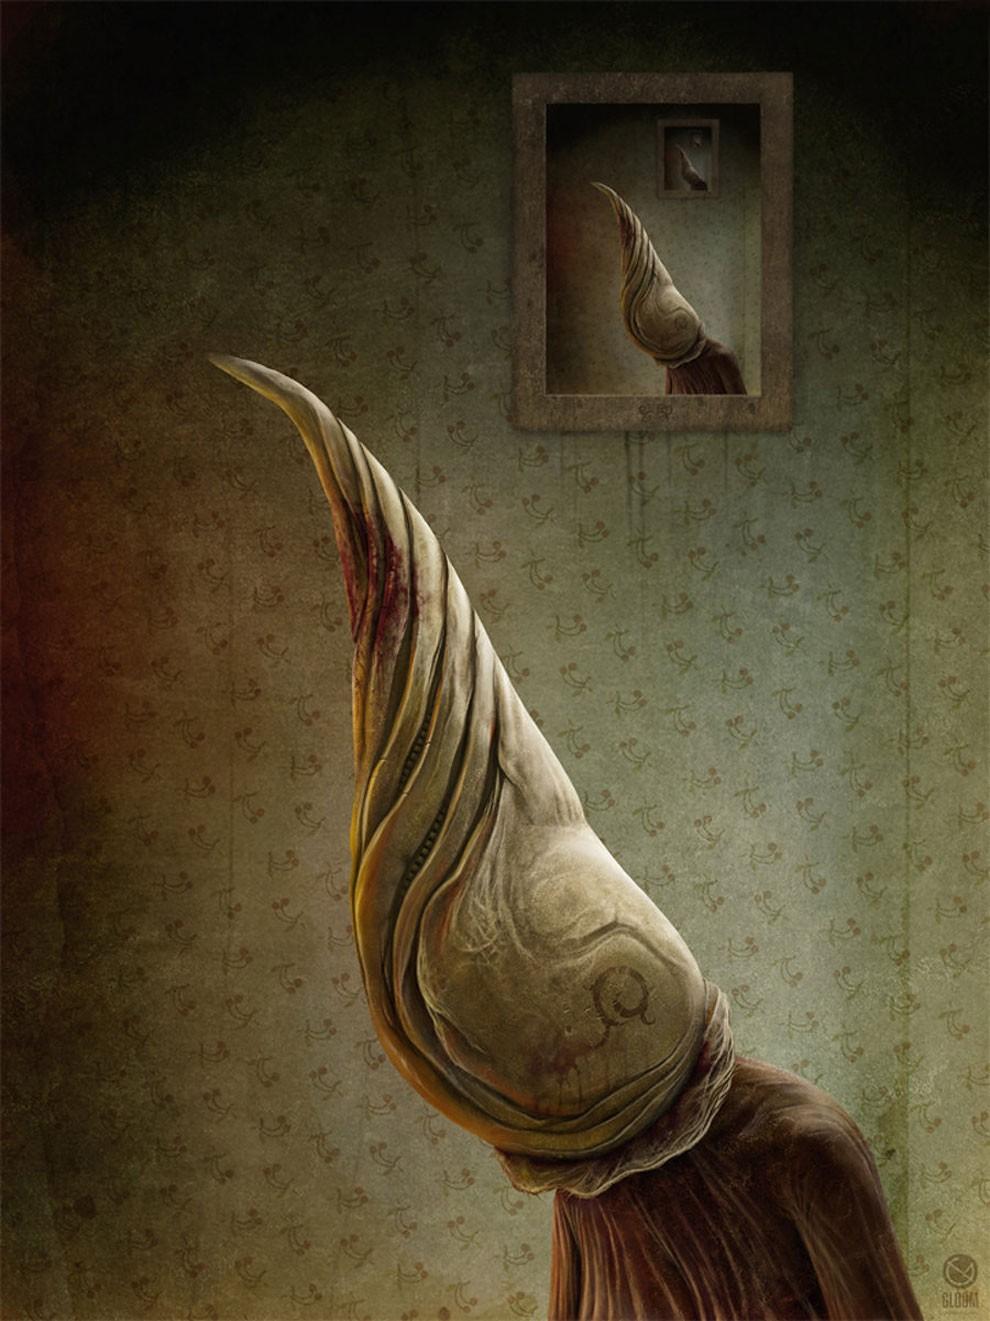 dipinti-cupi-spaventosi-anton-semenov-25